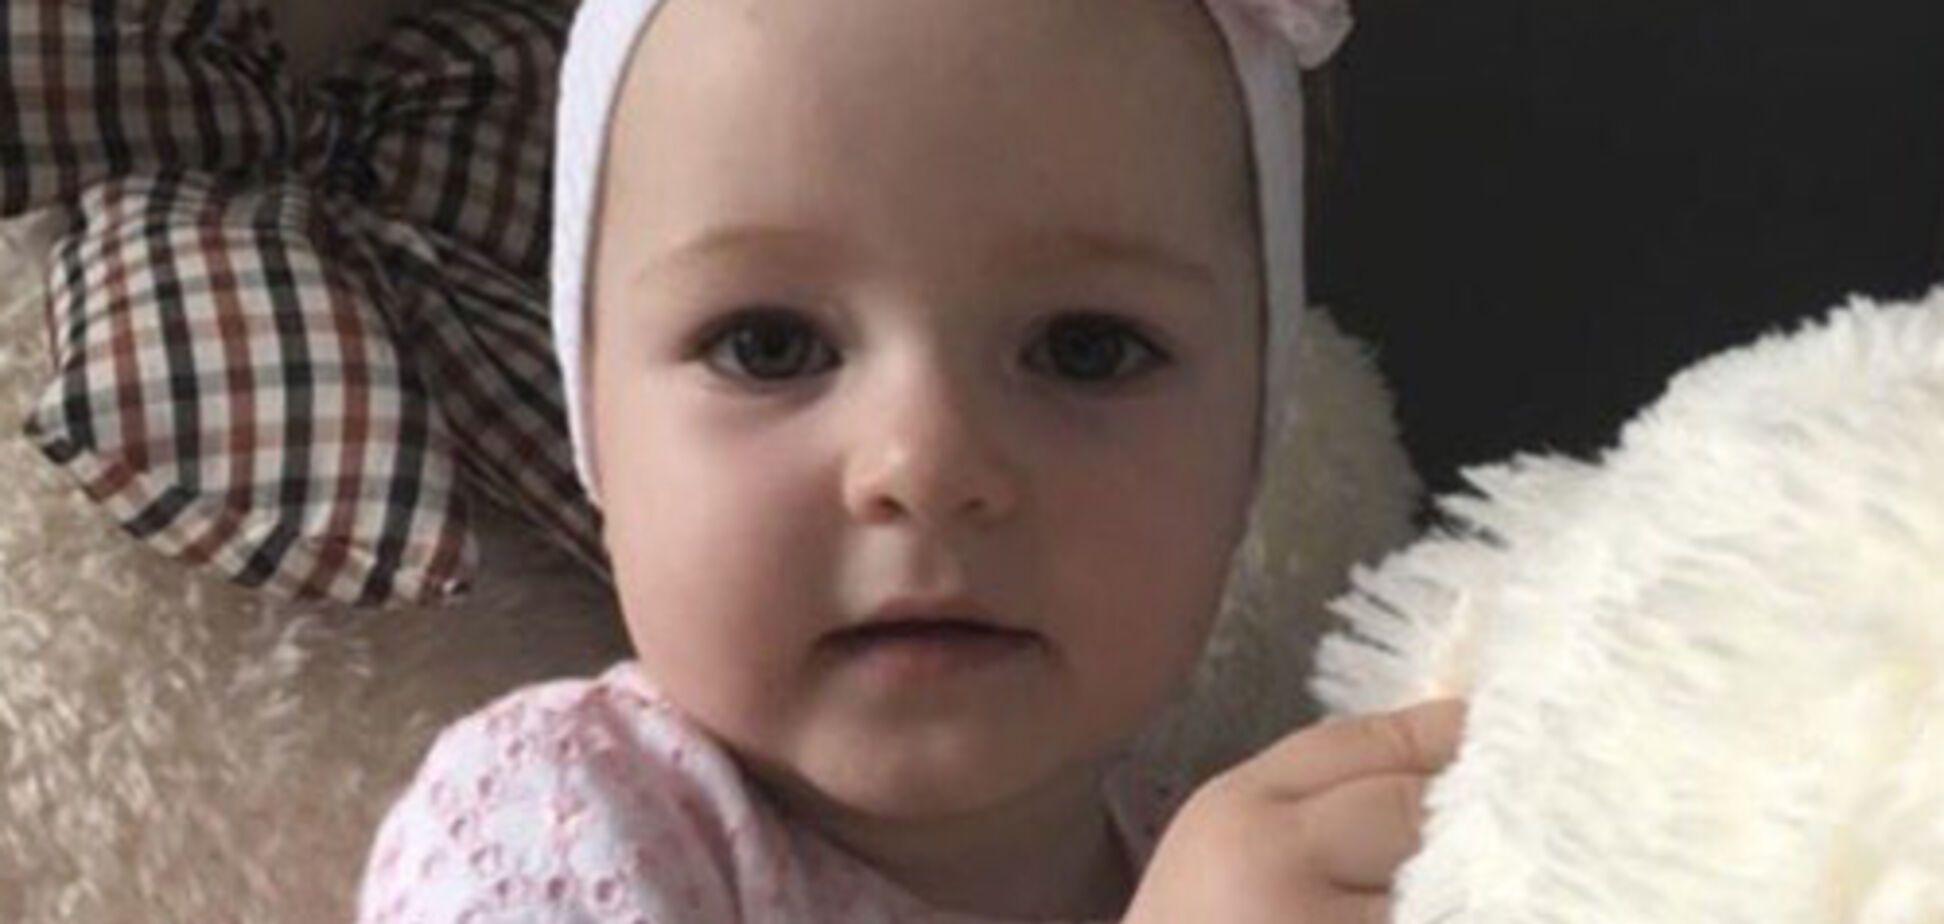 Новое похищение в Киеве: полиция разыскивает двухлетнего ребенка